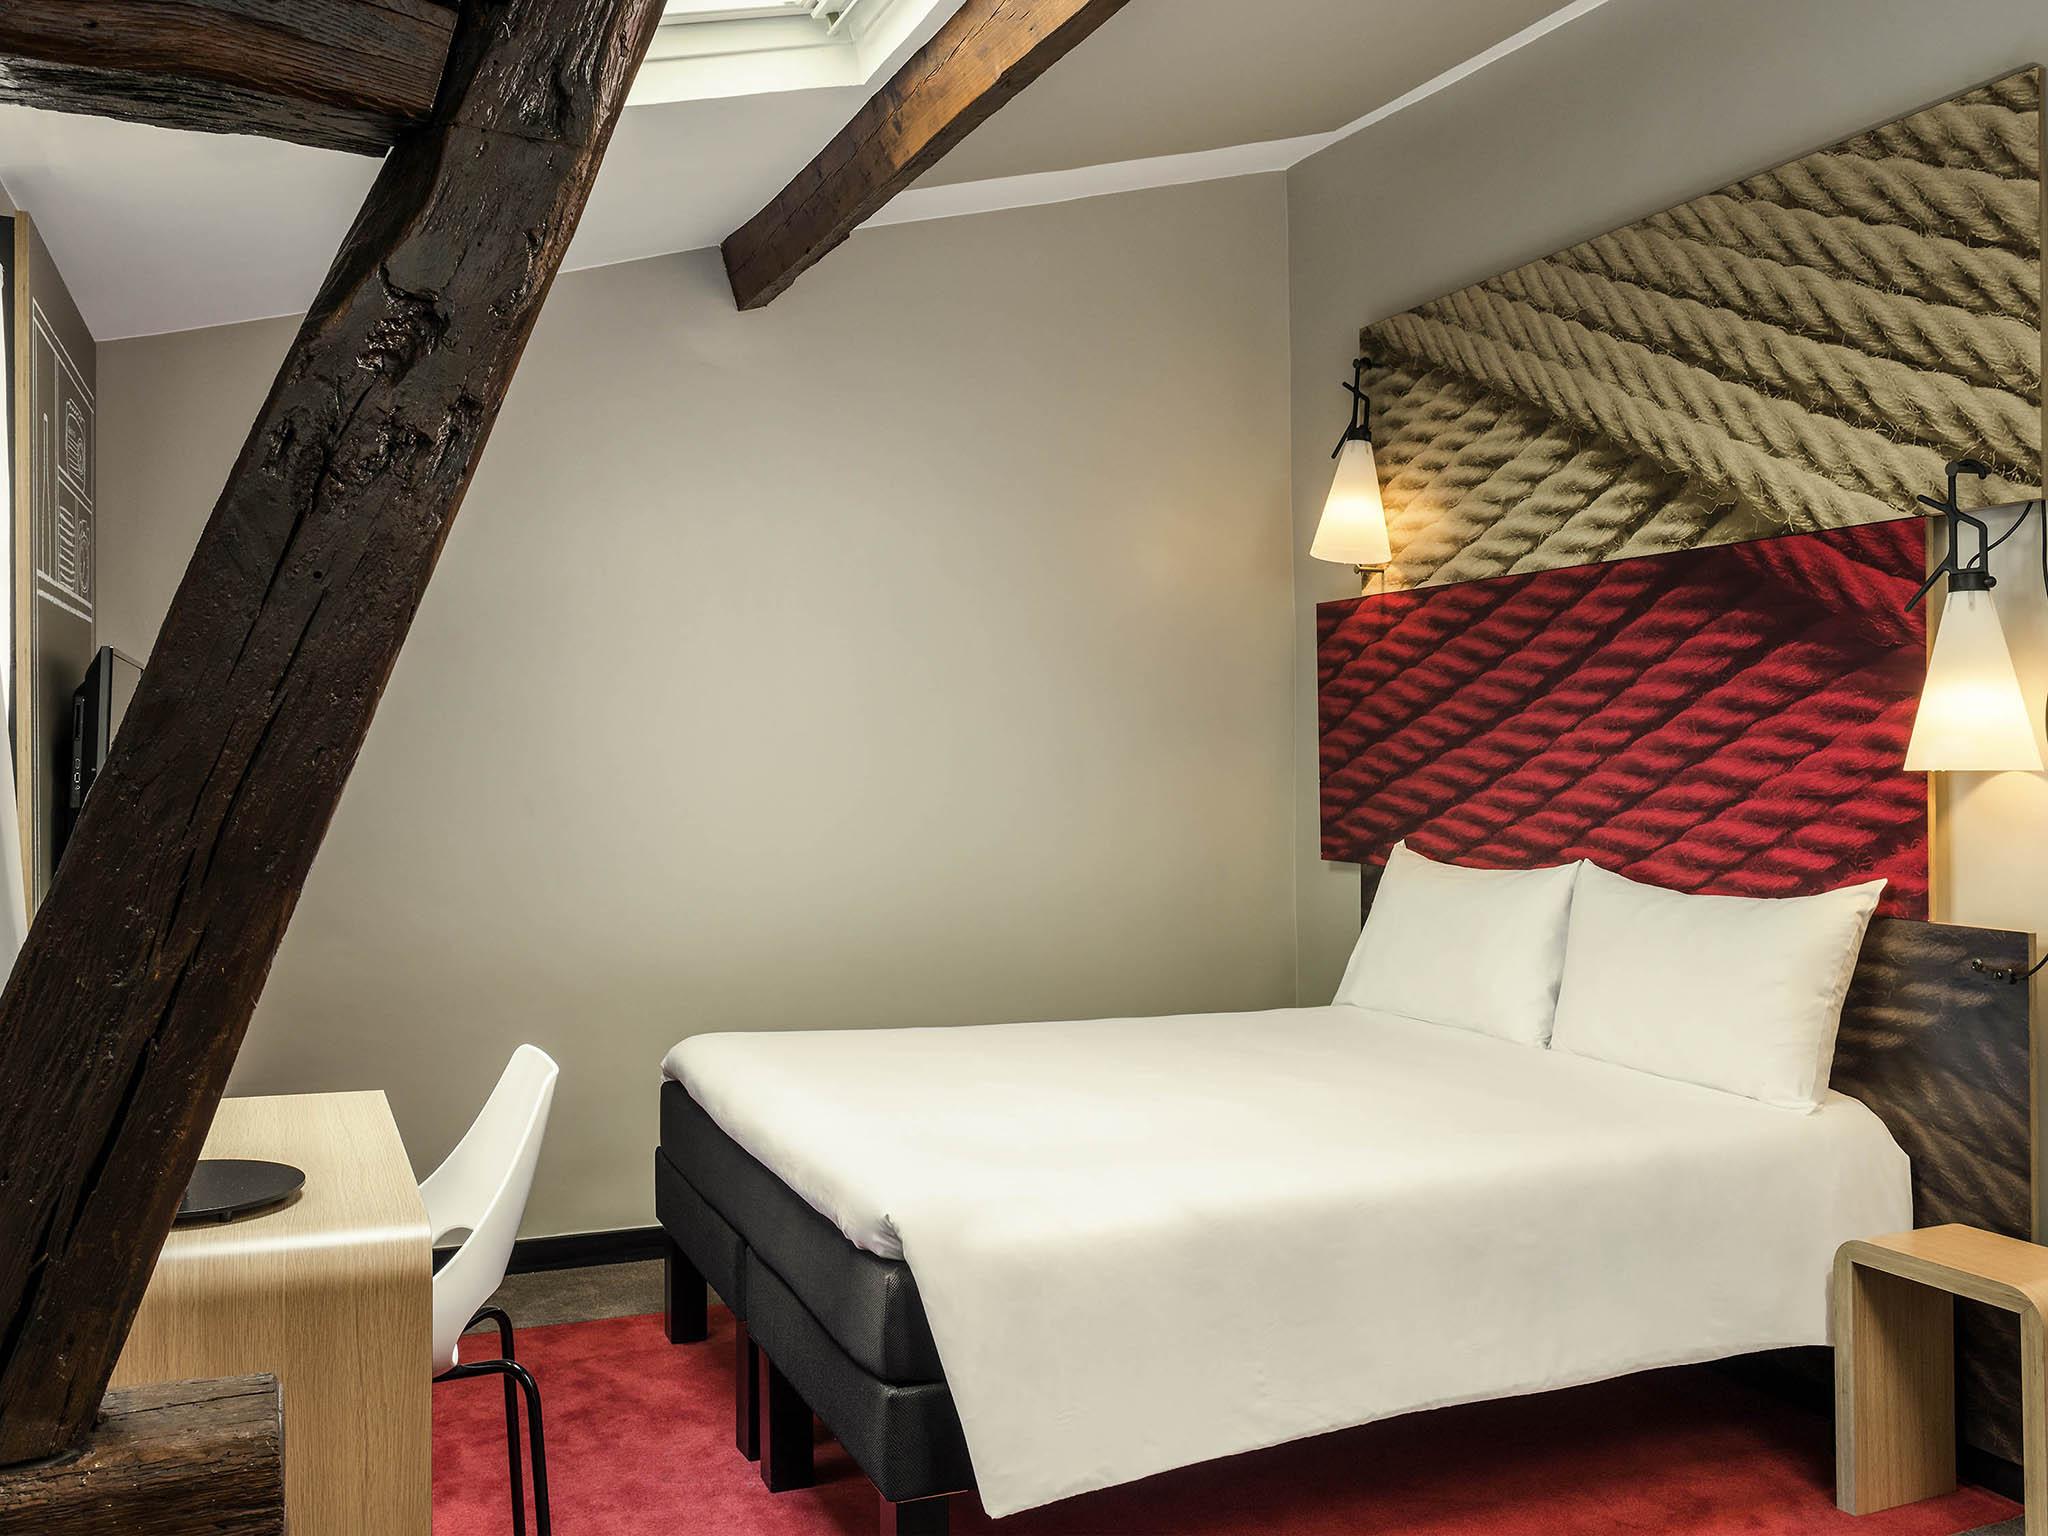 โรงแรม – ไอบิส ปารีส อเวอนูว์ เดอ ลา รีปูบลิค